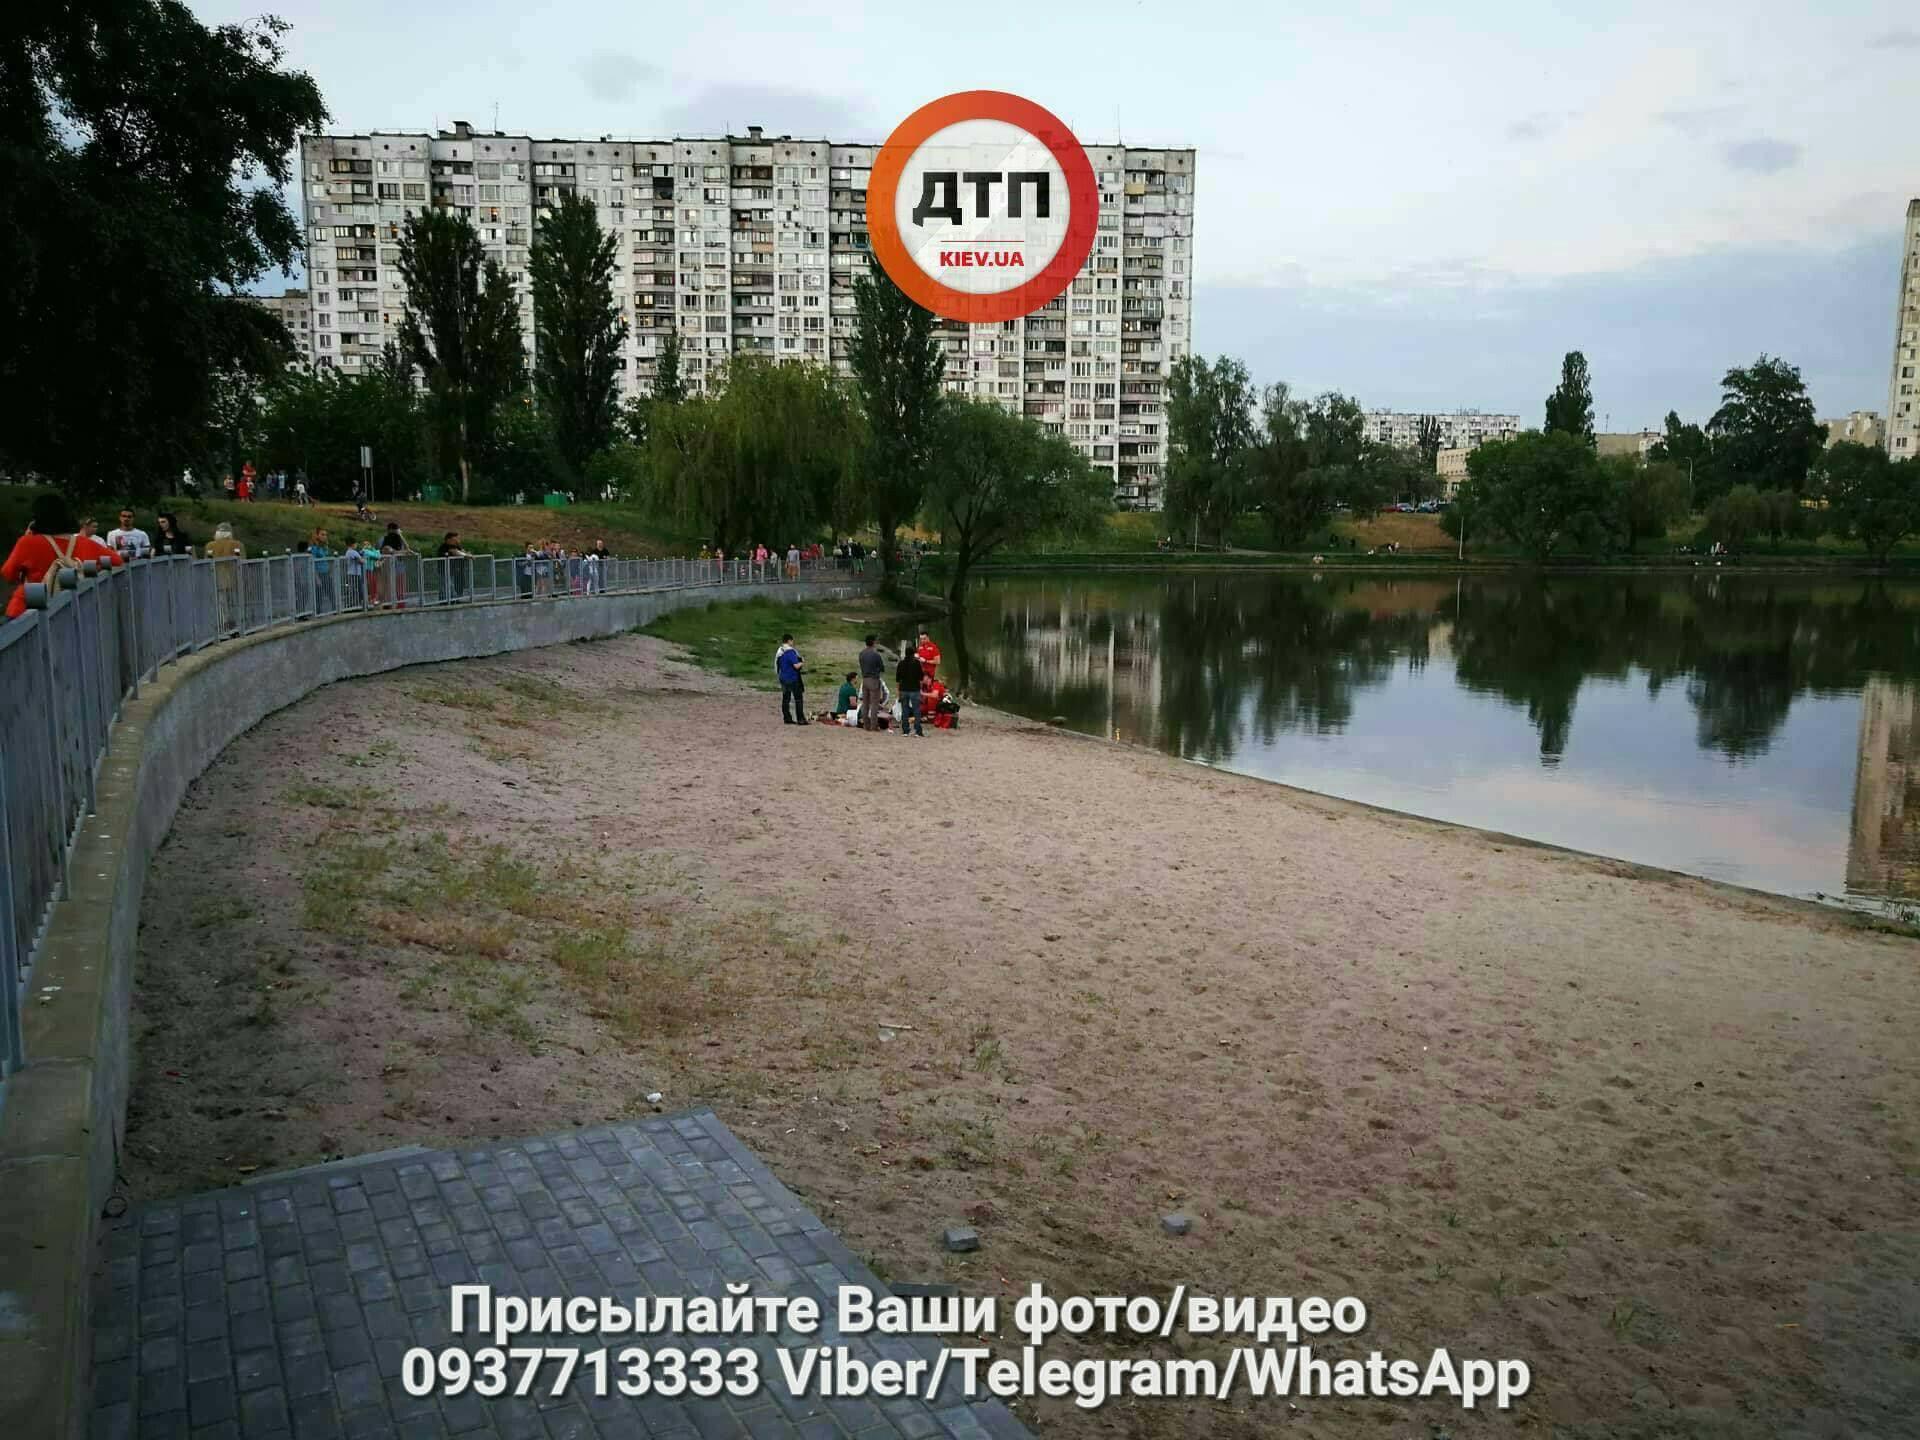 Вцентре столицы Украины автомобиль провалился под землю